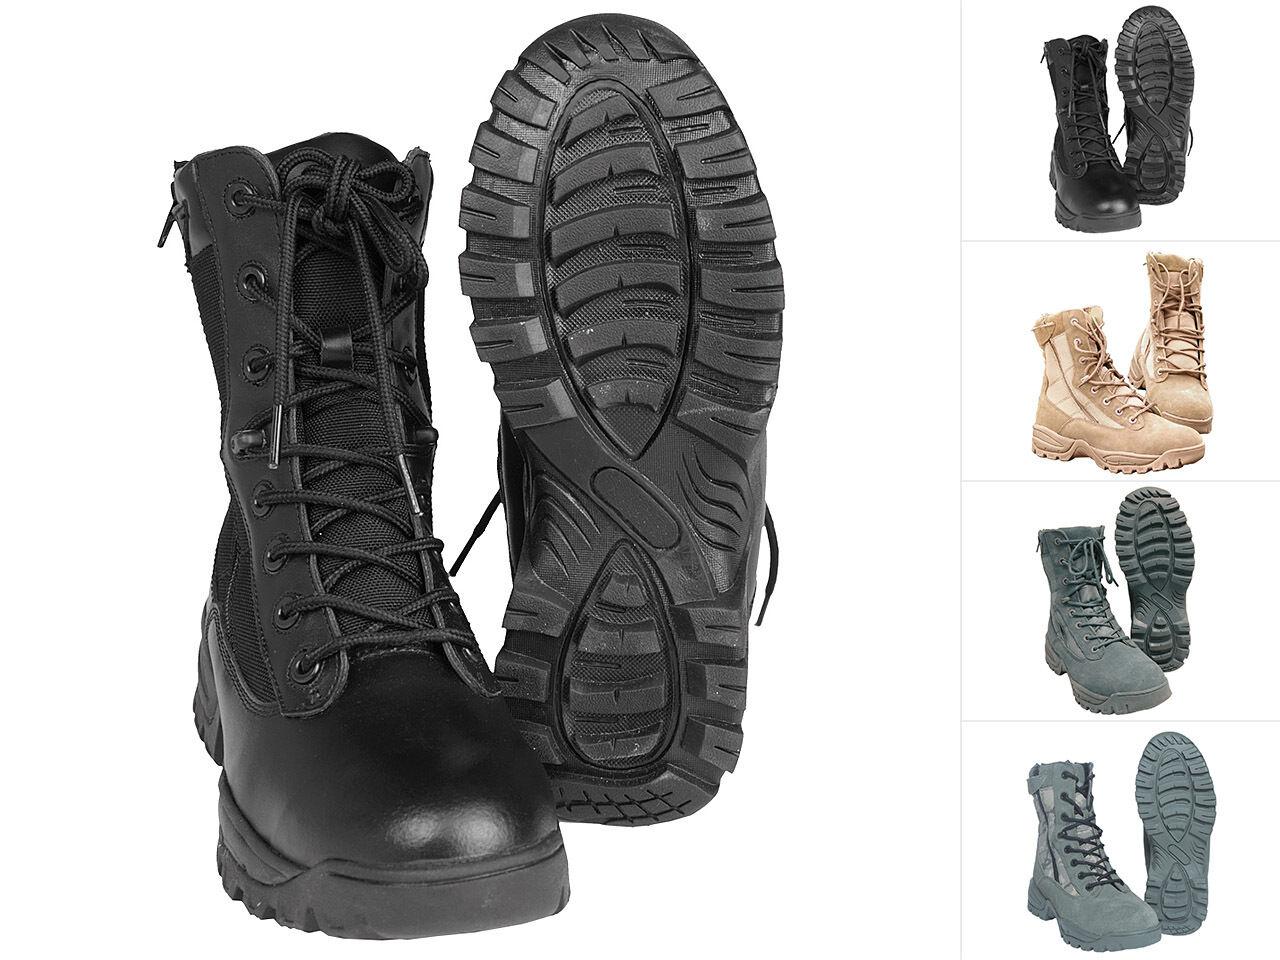 MIL-TEC TACTICAL Stivali Two Zip Scarpe Scarponcini Stivali di pelle boots 39-46